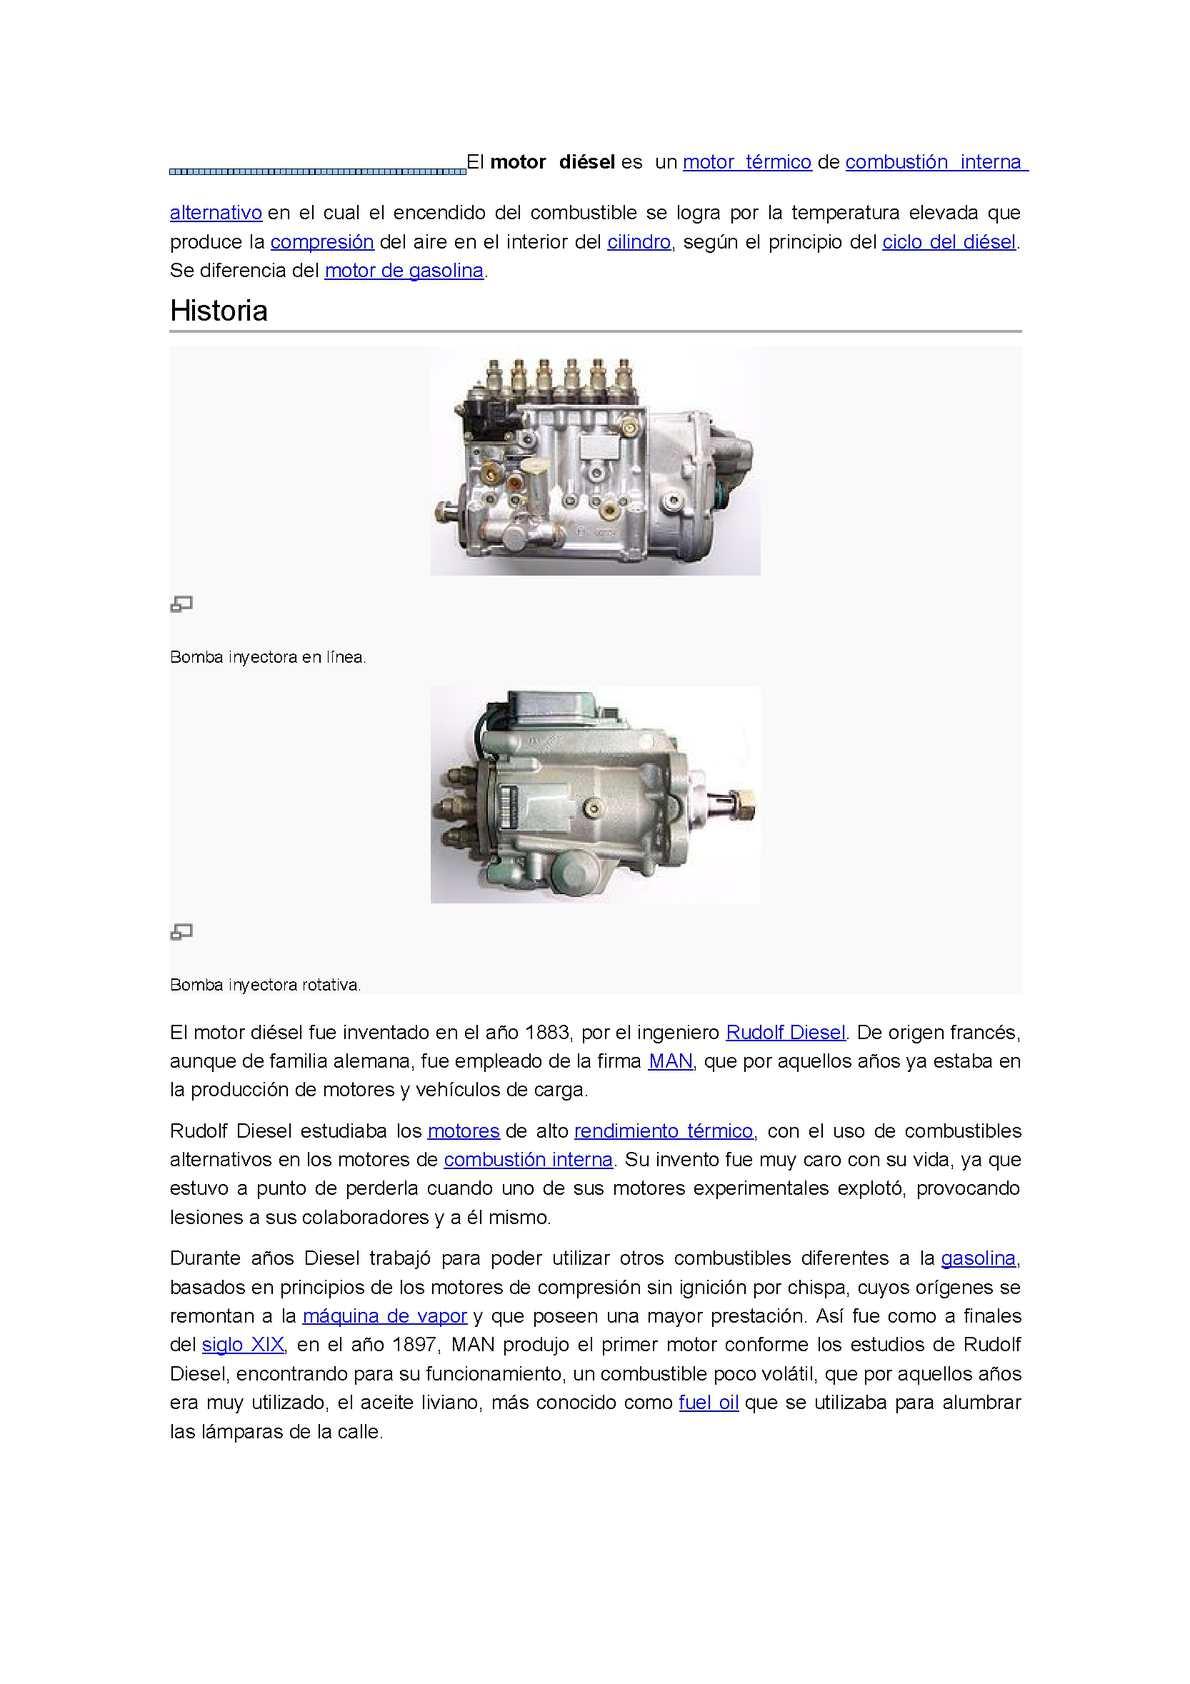 Historia del motor a gasolina